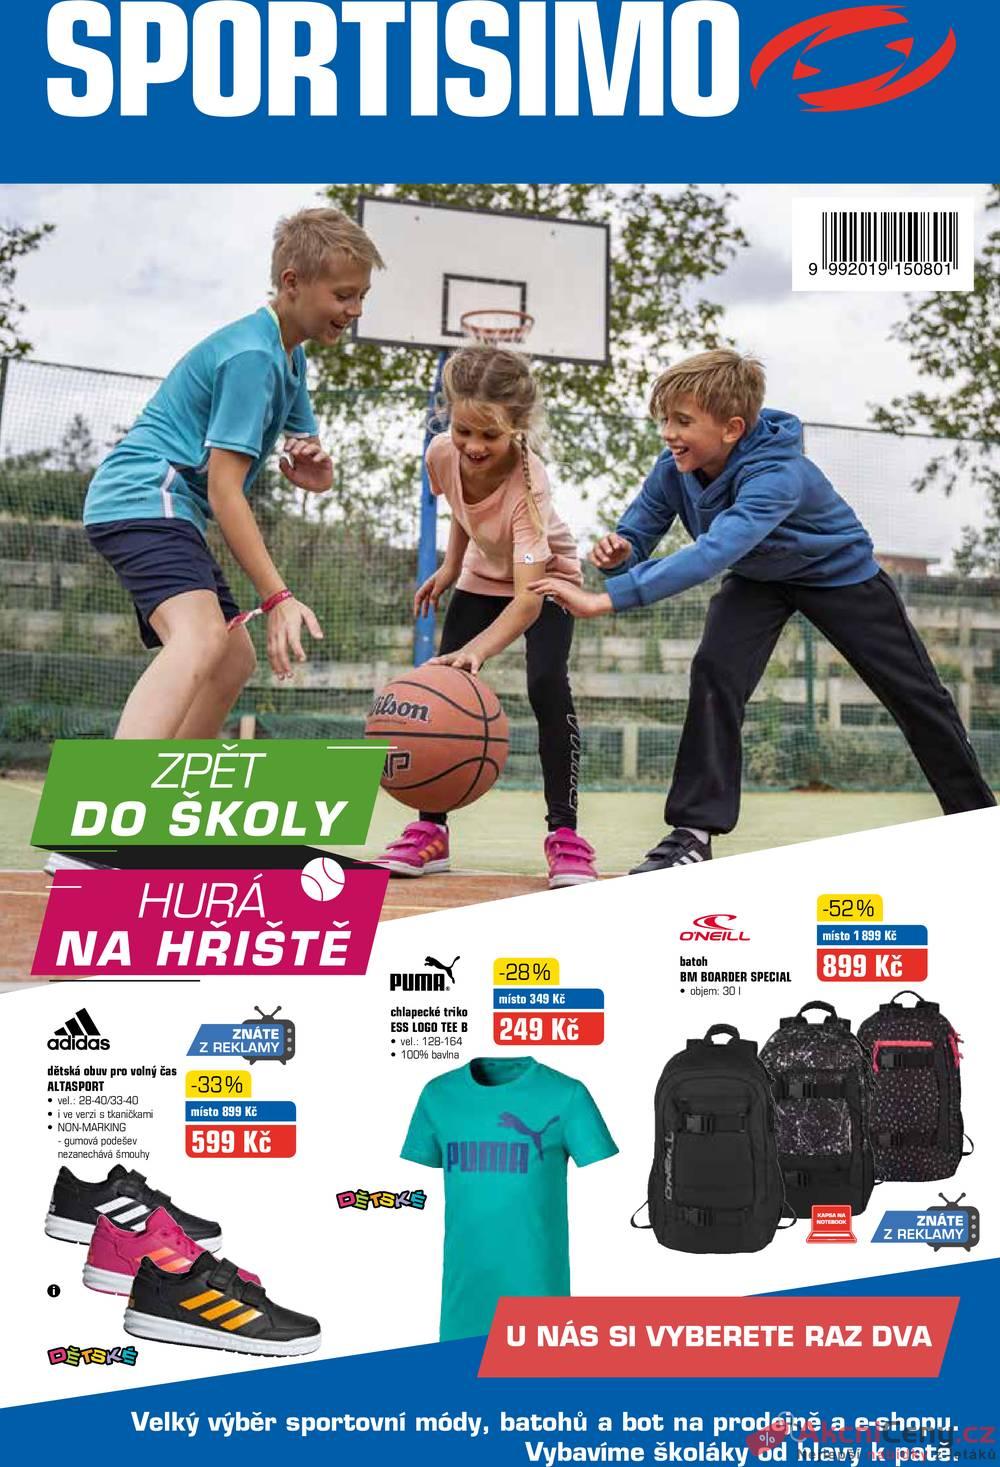 Leták Sportisimo - Sportisimo od 15.8. do 26.8.2019 - strana 1